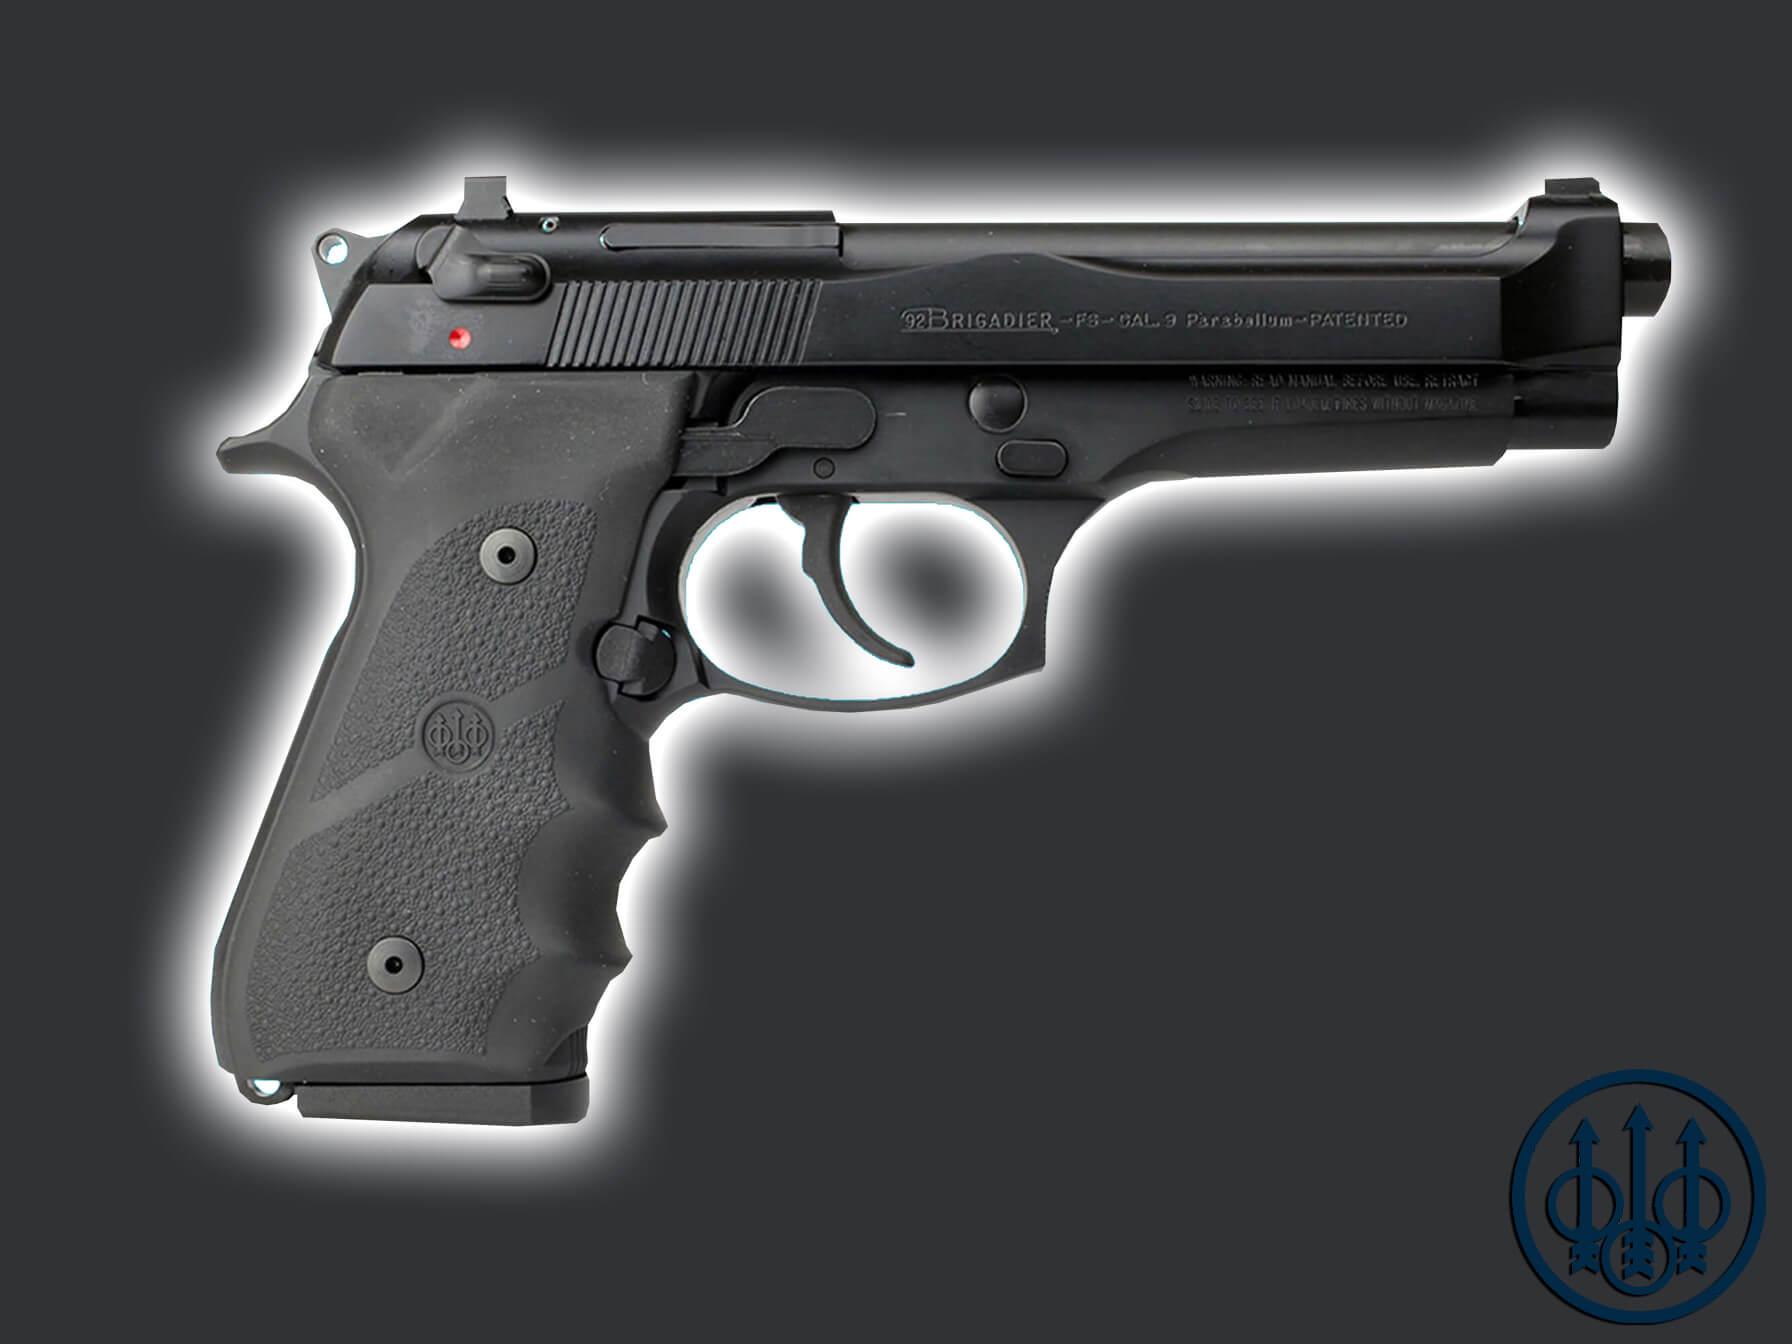 Beretta 92FS Brigadier Semi Auto Pistol 9mm